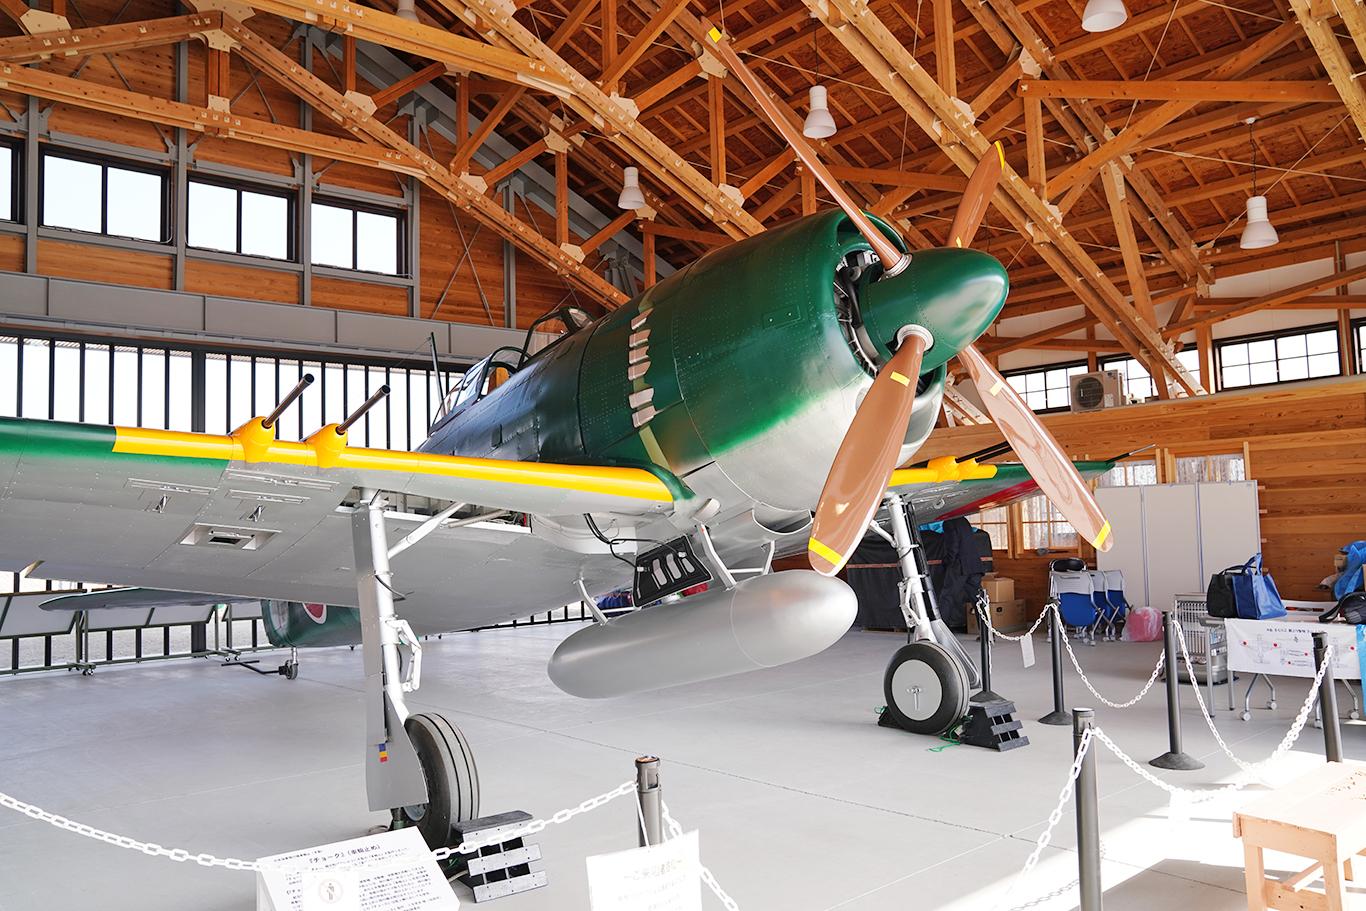 鶉野飛行場の滑走路にある備蓄倉庫に展示されている局地戦闘機「紫電改」(実物大模型)